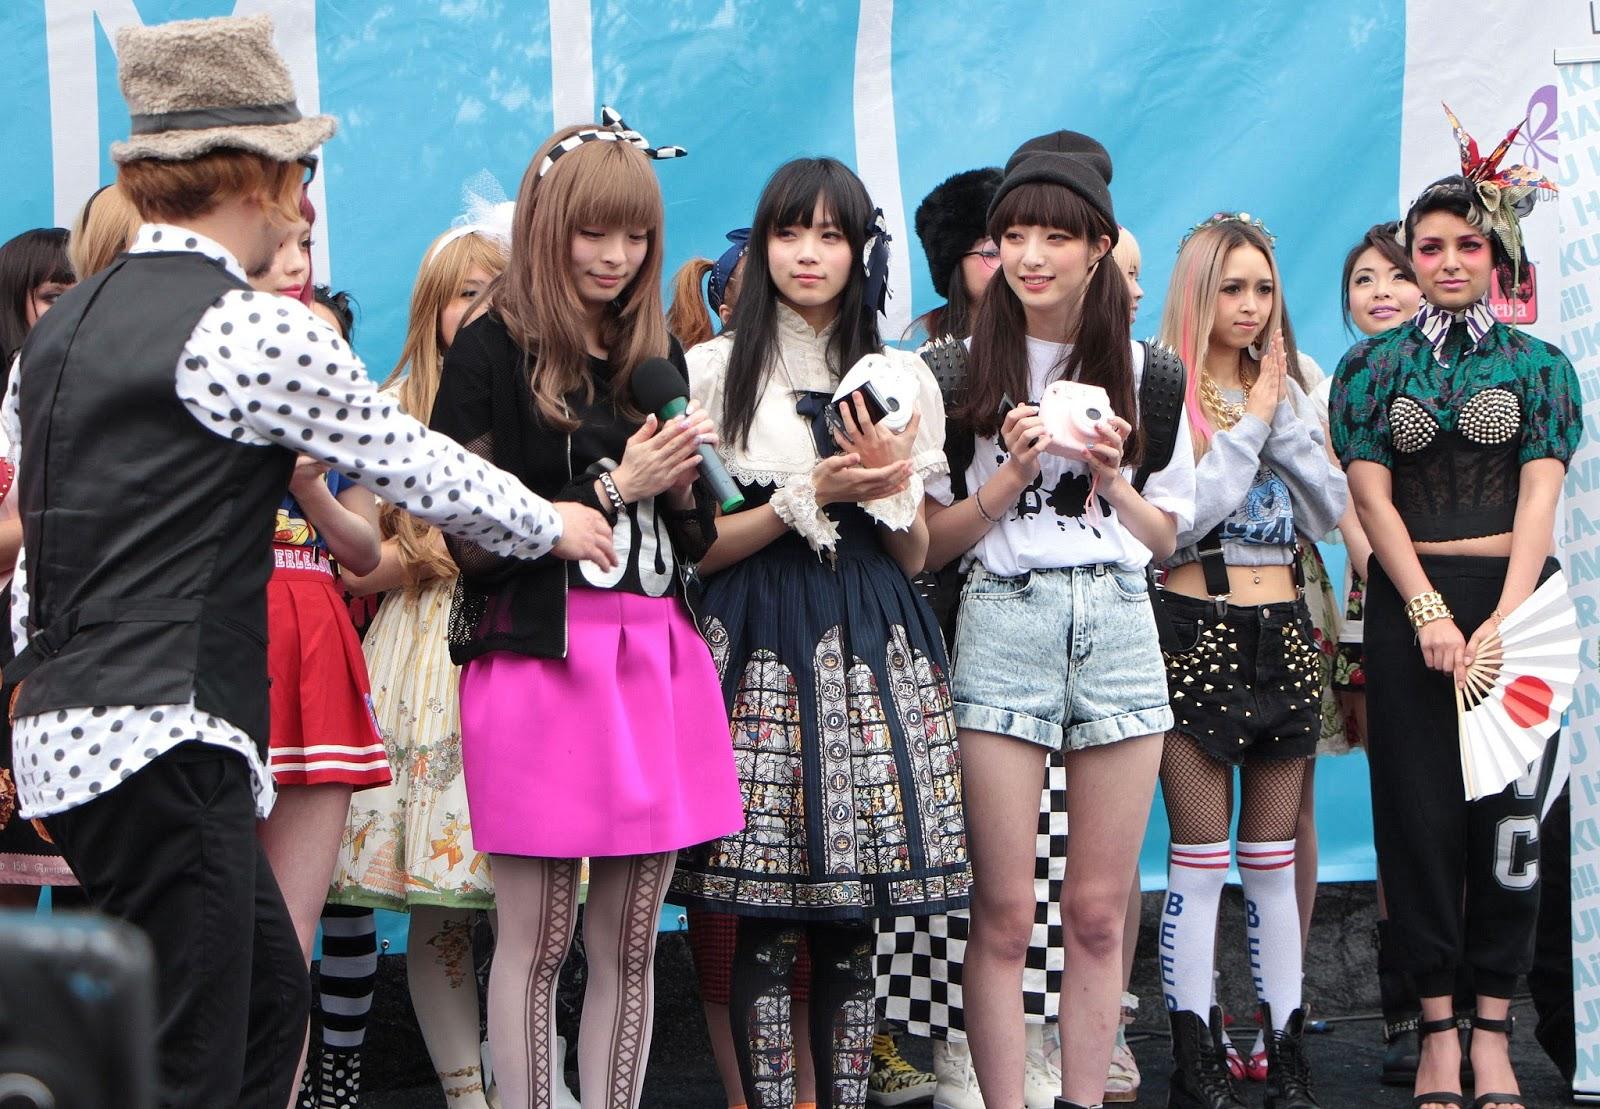 6% doki doki, j pop summit, yuka, kawaii, fashion, harajuku, kyary pamyu pamyu, yura, saki seto, kawaii, sebastian masuda